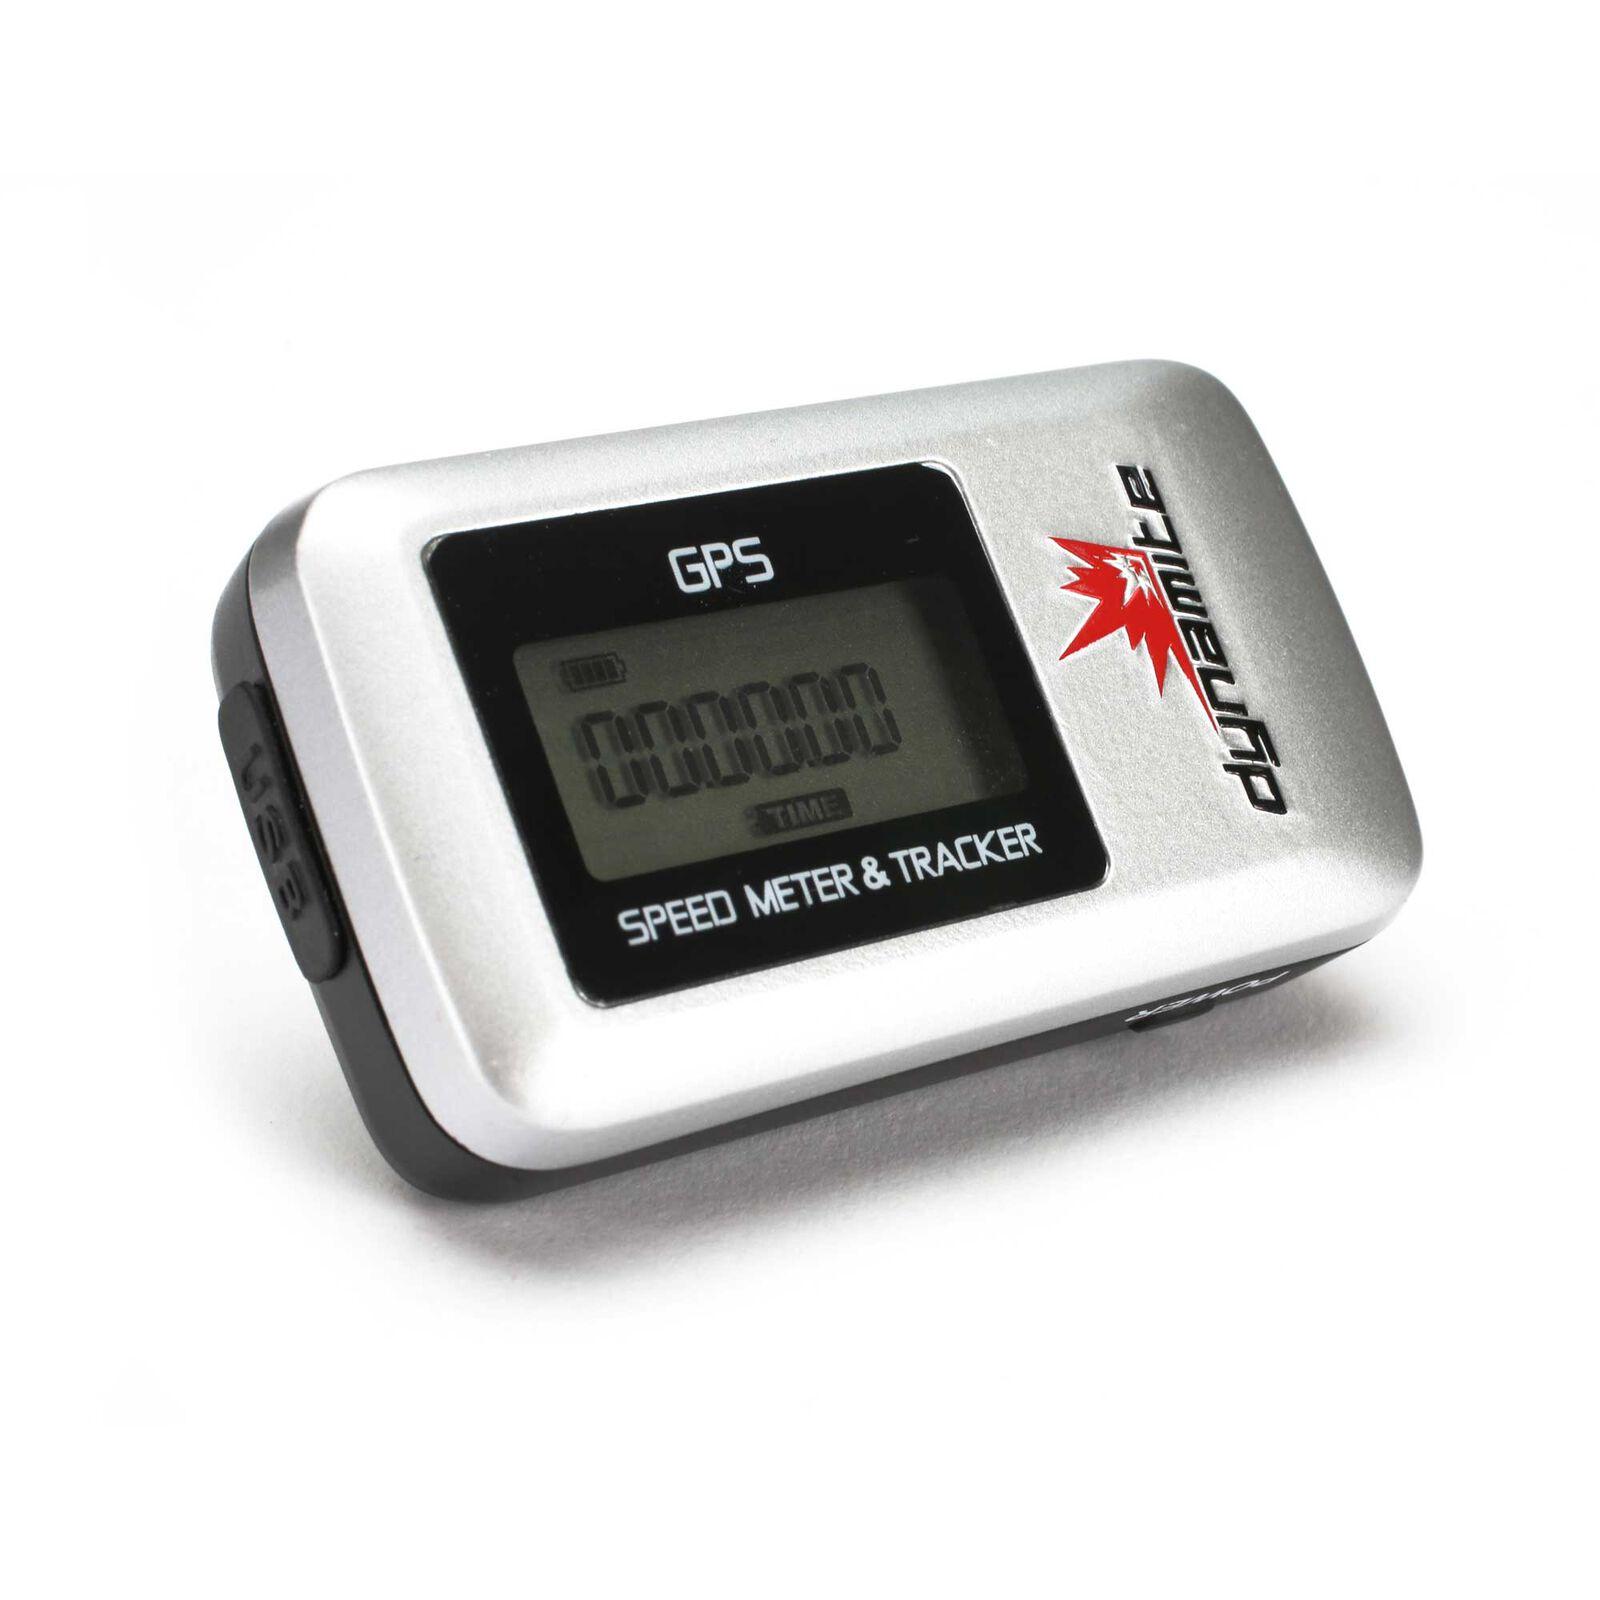 Passport GPS Speed Meter 2.0